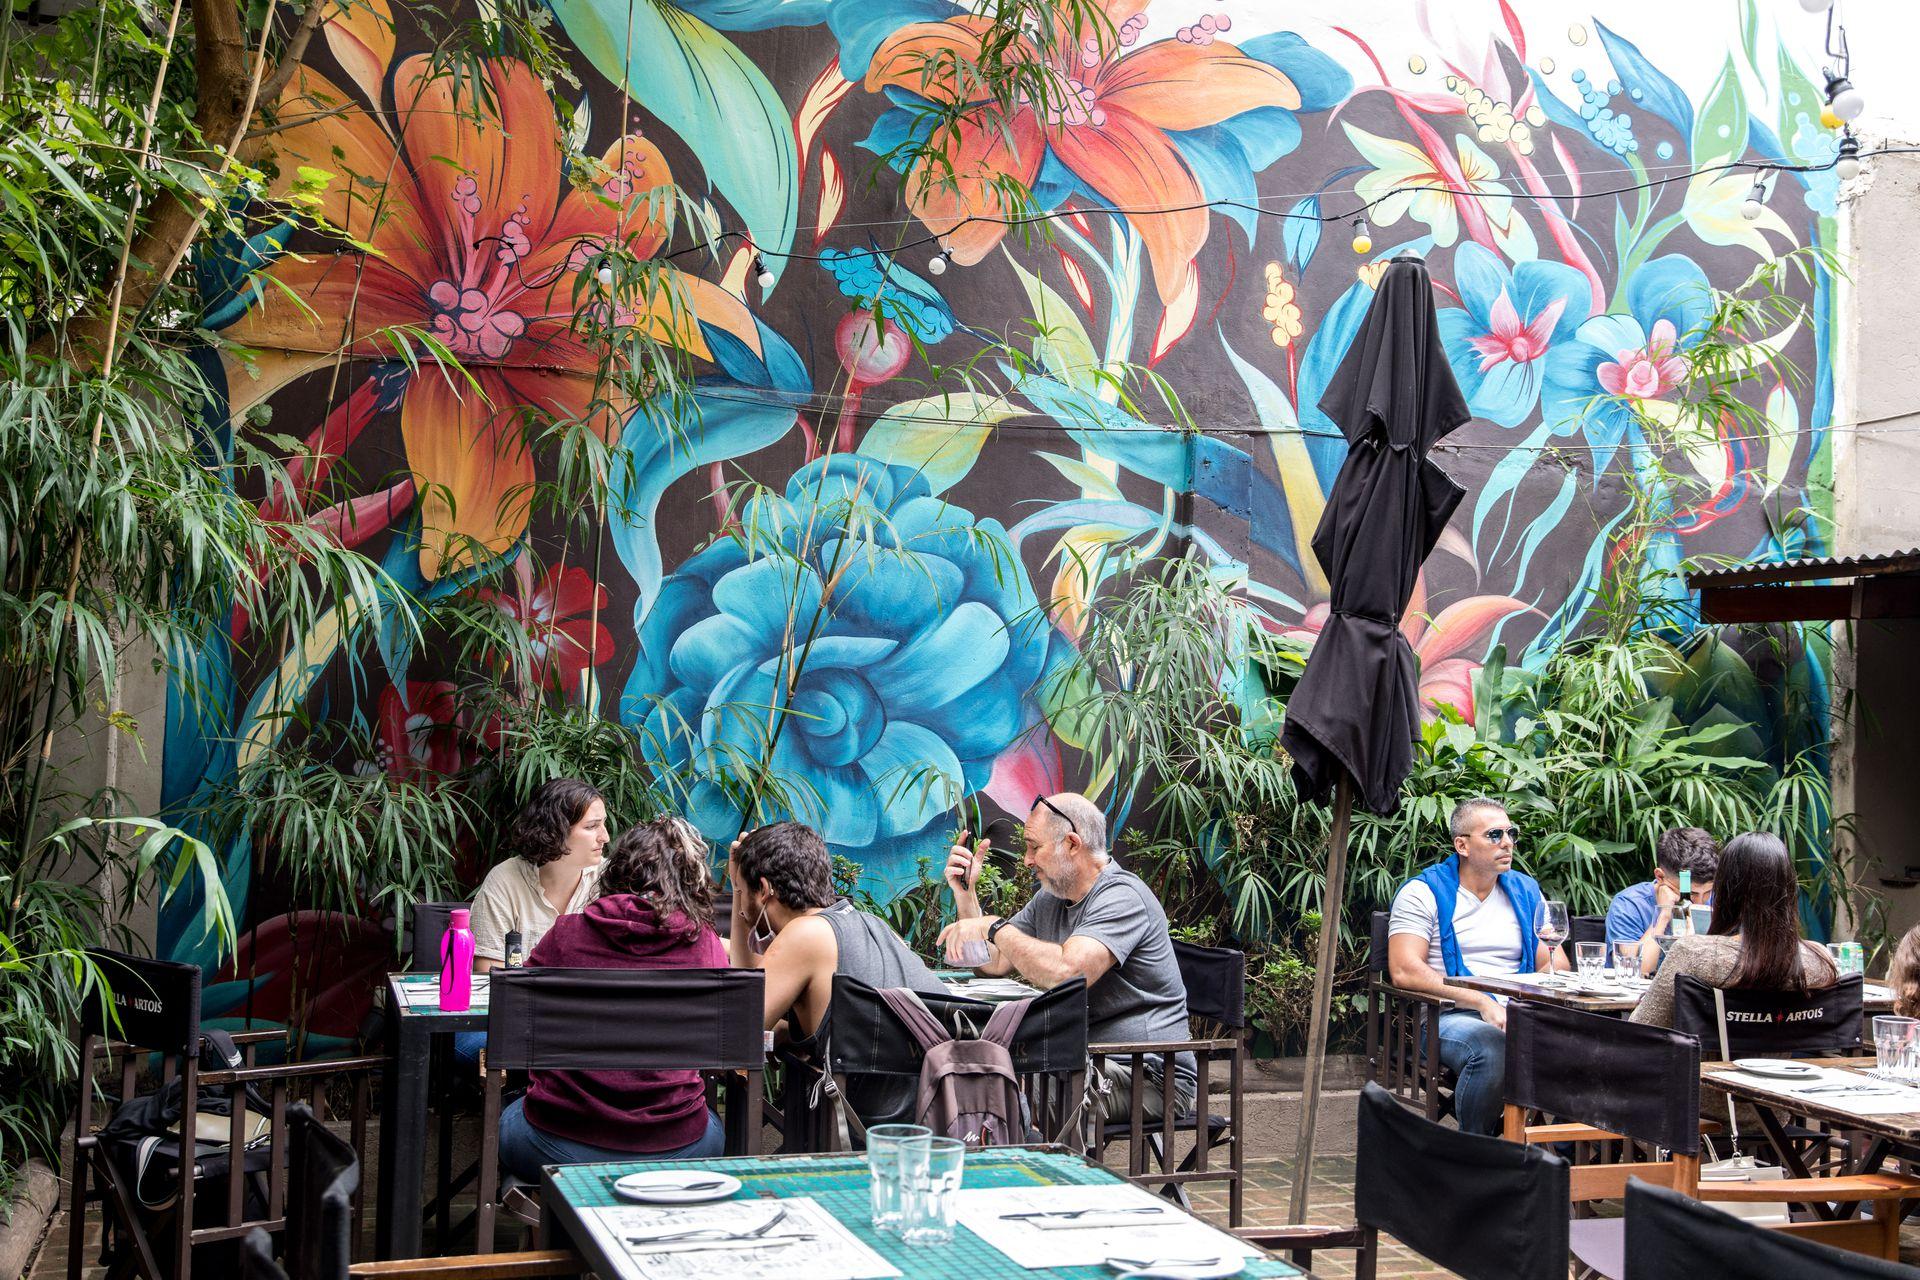 El patio tropical y su colorido mural, un microclima sobre el renacido Boulevard Sáenz Peña.